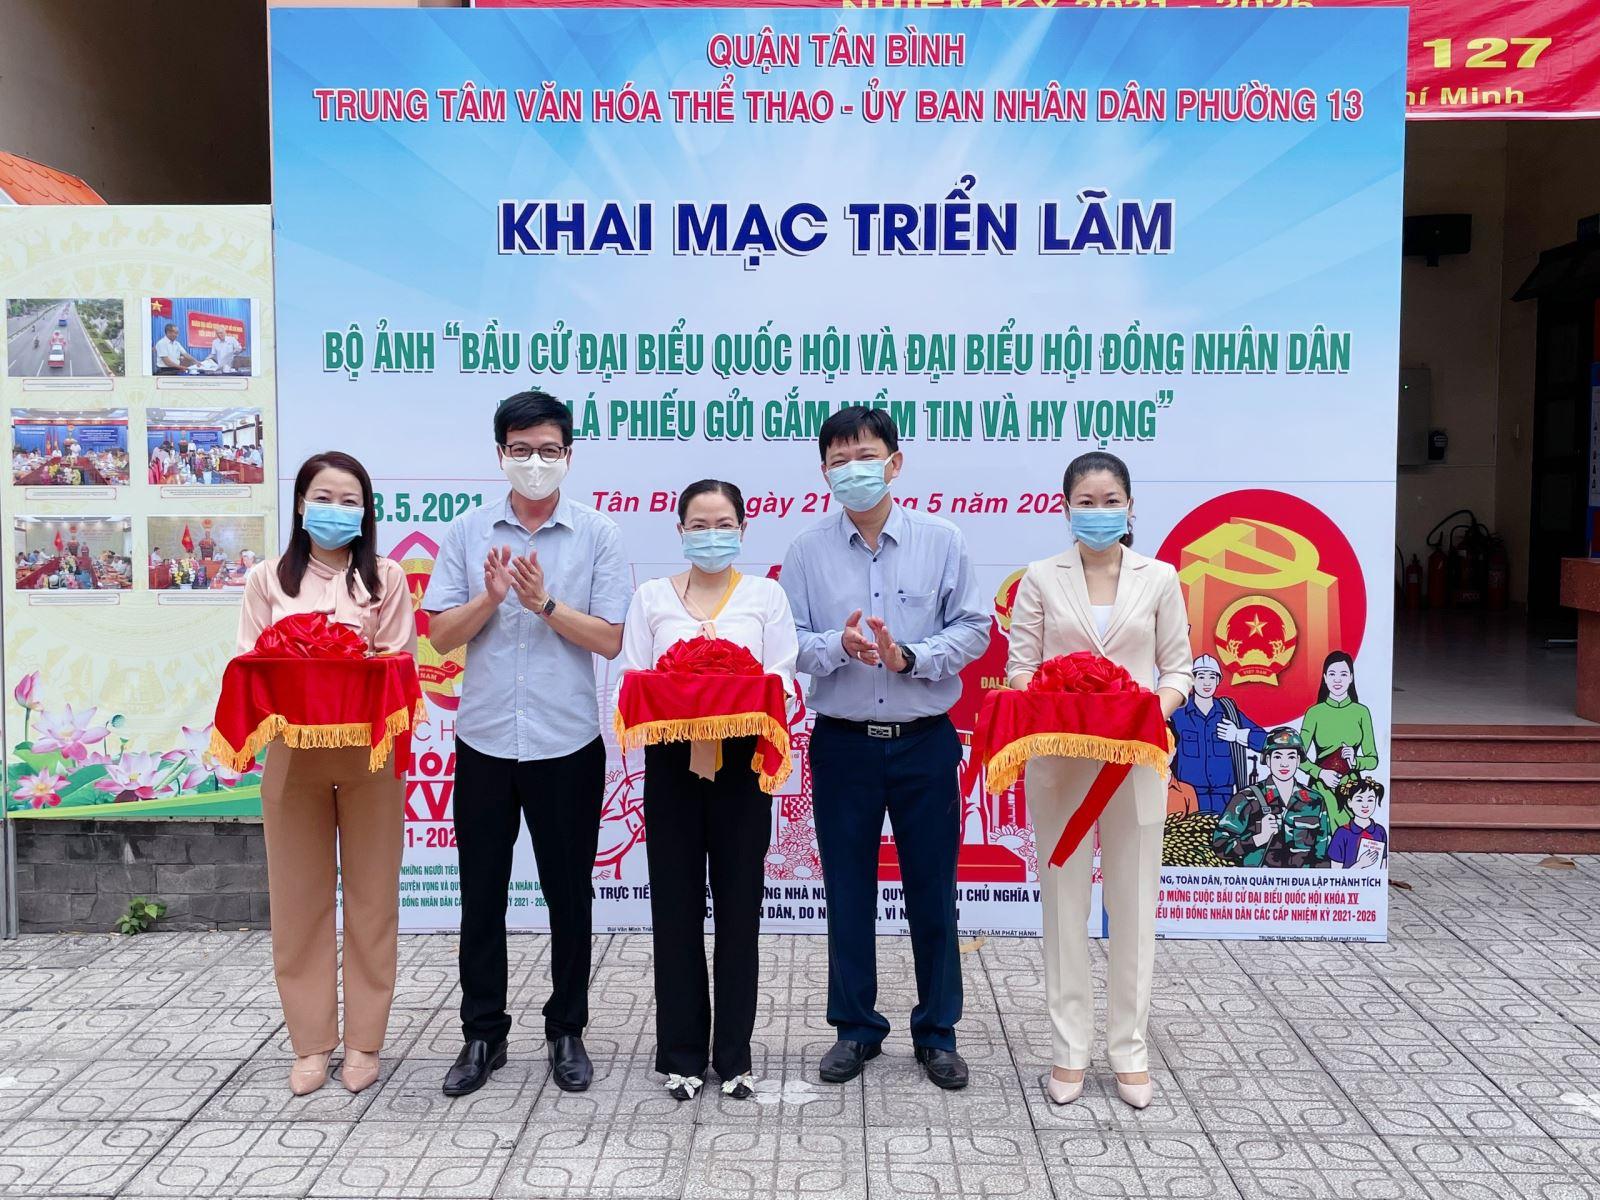 Phối hợp UBND Phường 13 tổ chức Khai mạc Triển lãm Bộ ảnh tuyên truyền Bầu cử